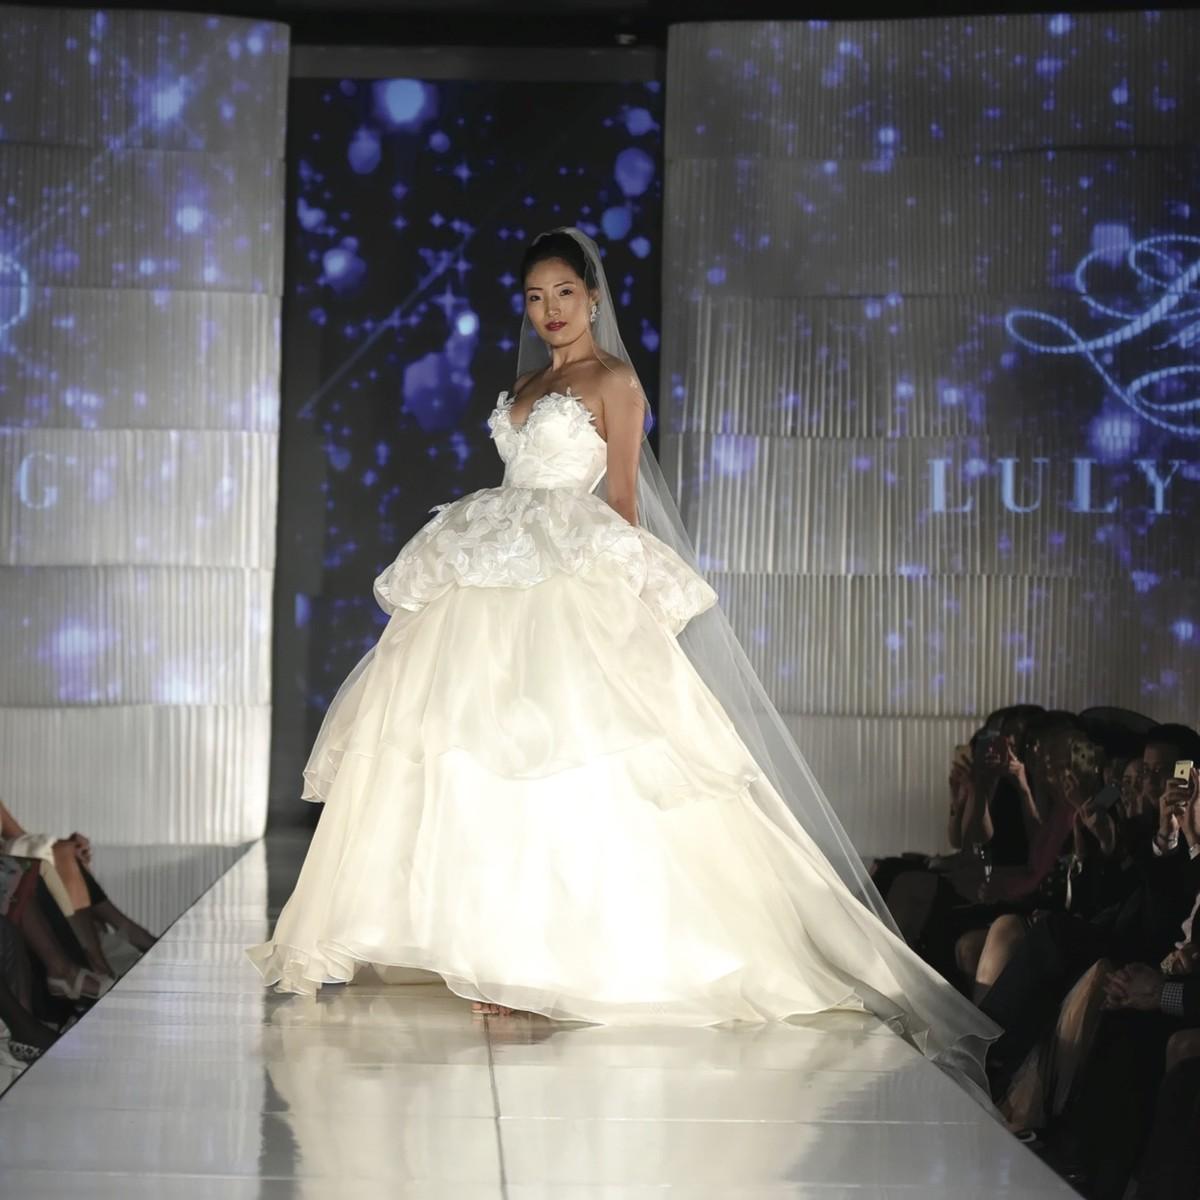 Luly yang wedding dress attire washington seattle for Wedding dresses tacoma wa